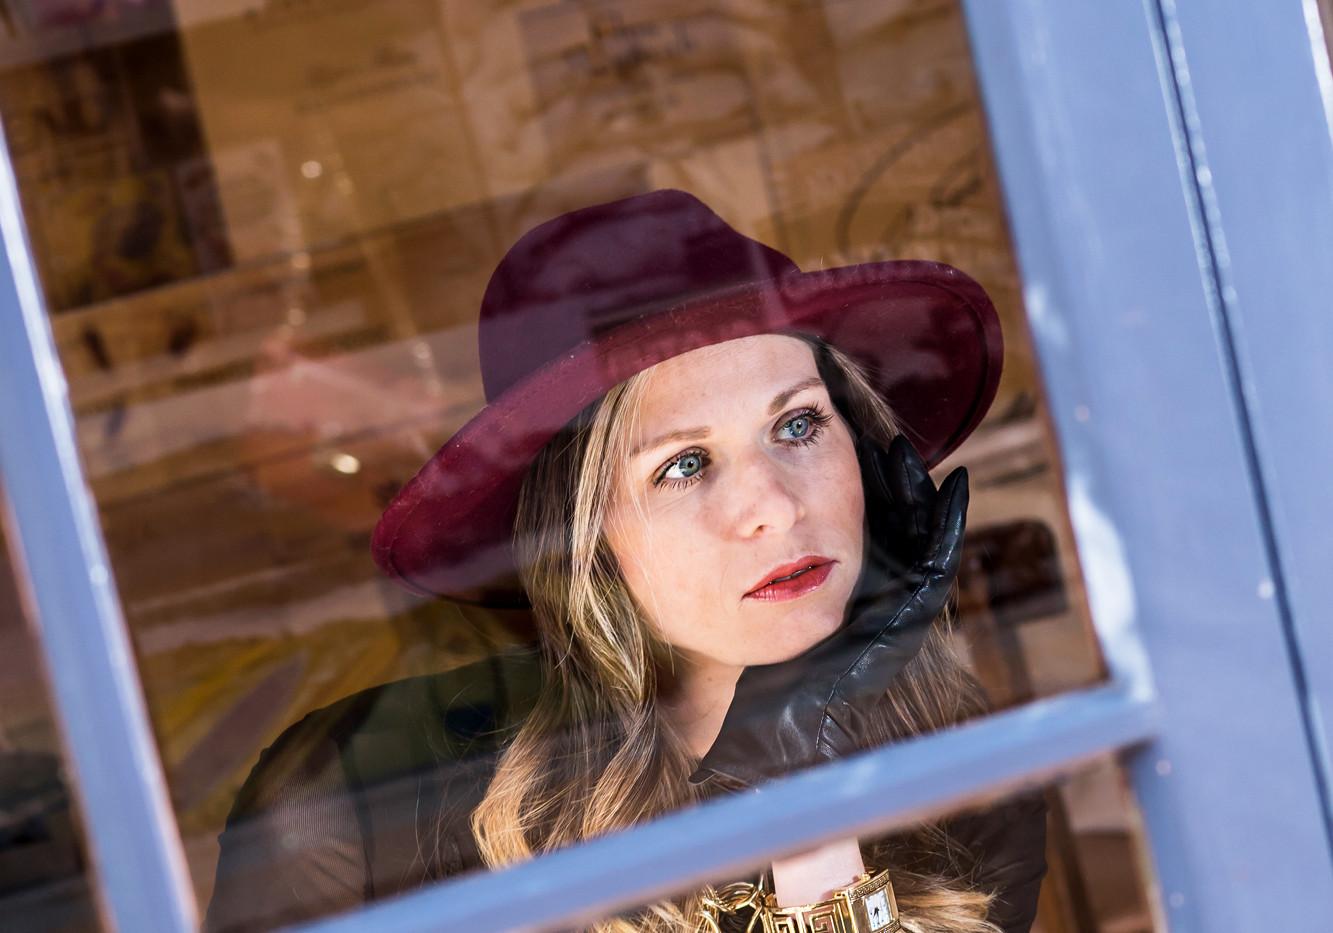 Purse Model Photography, at Restaurant, La Jolla CA